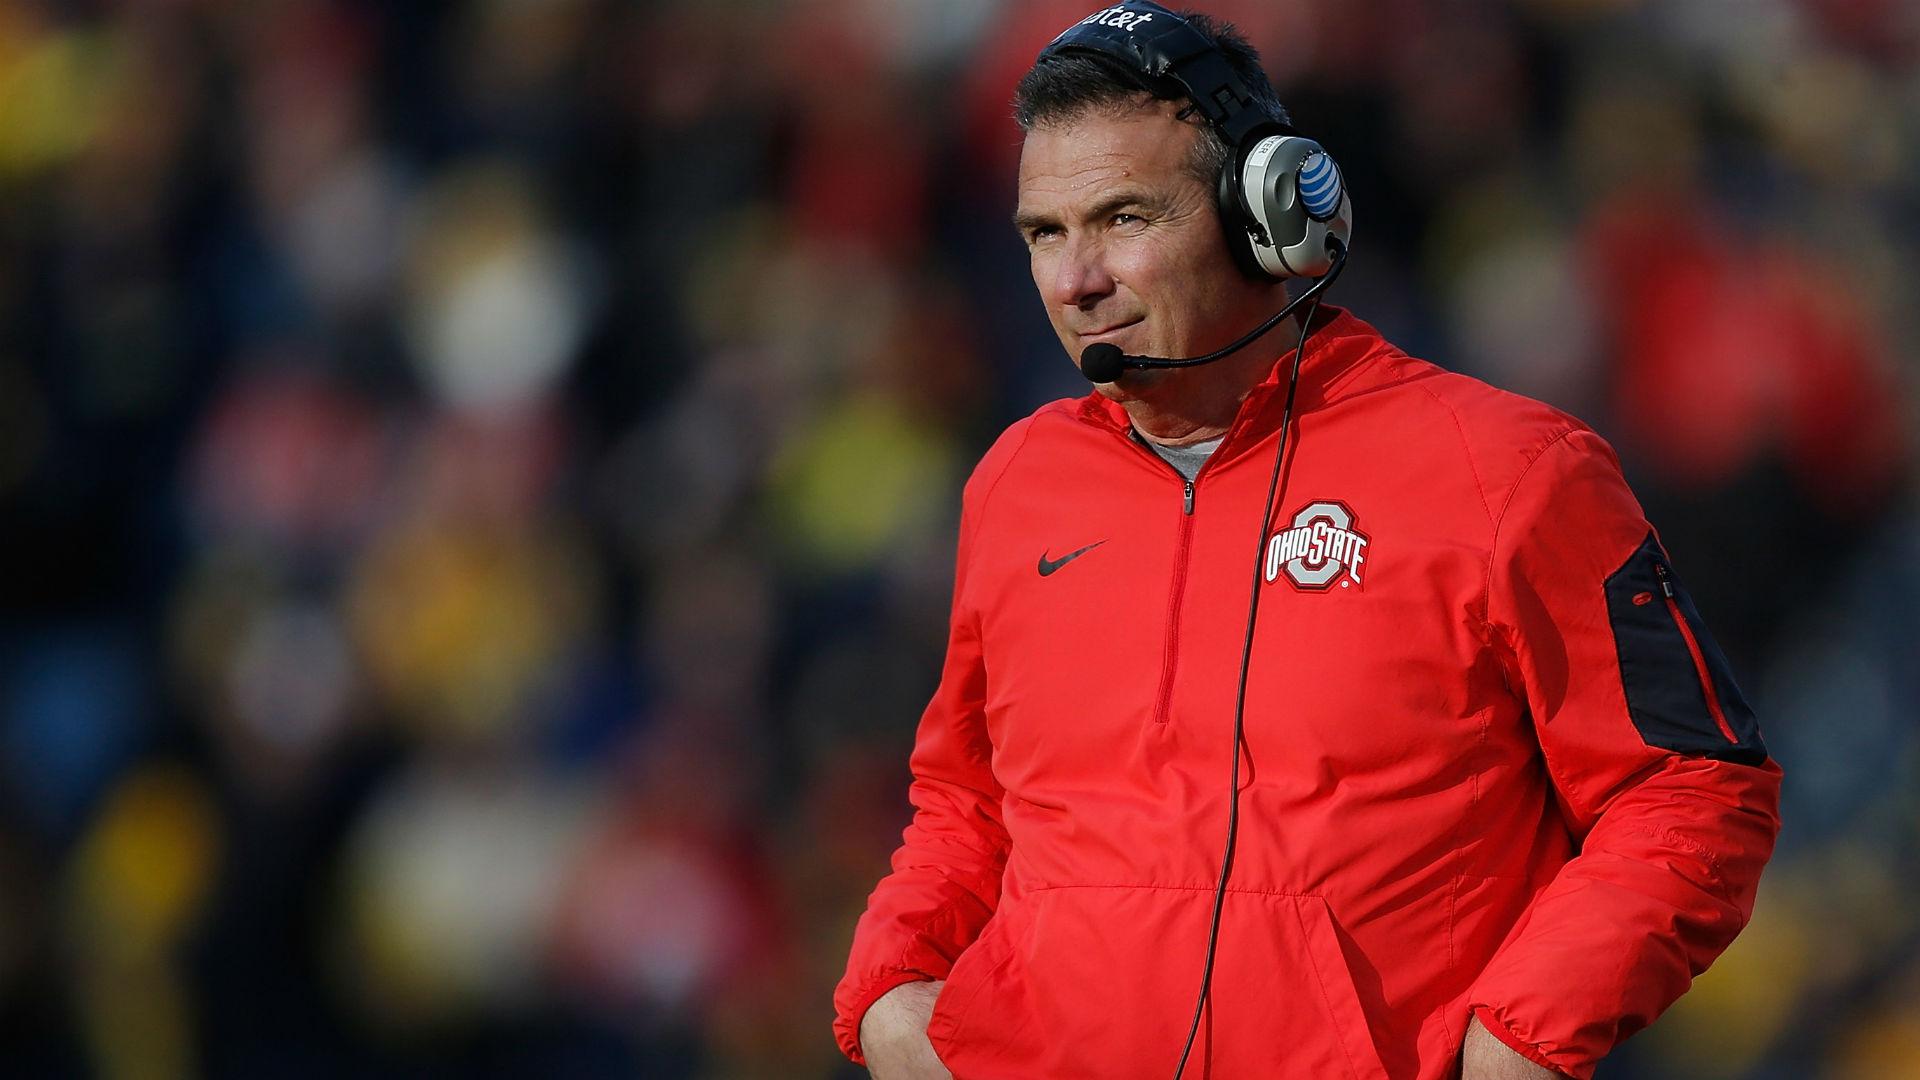 Kentucky recruit Urban Meyer called 'insubstantial' will ...